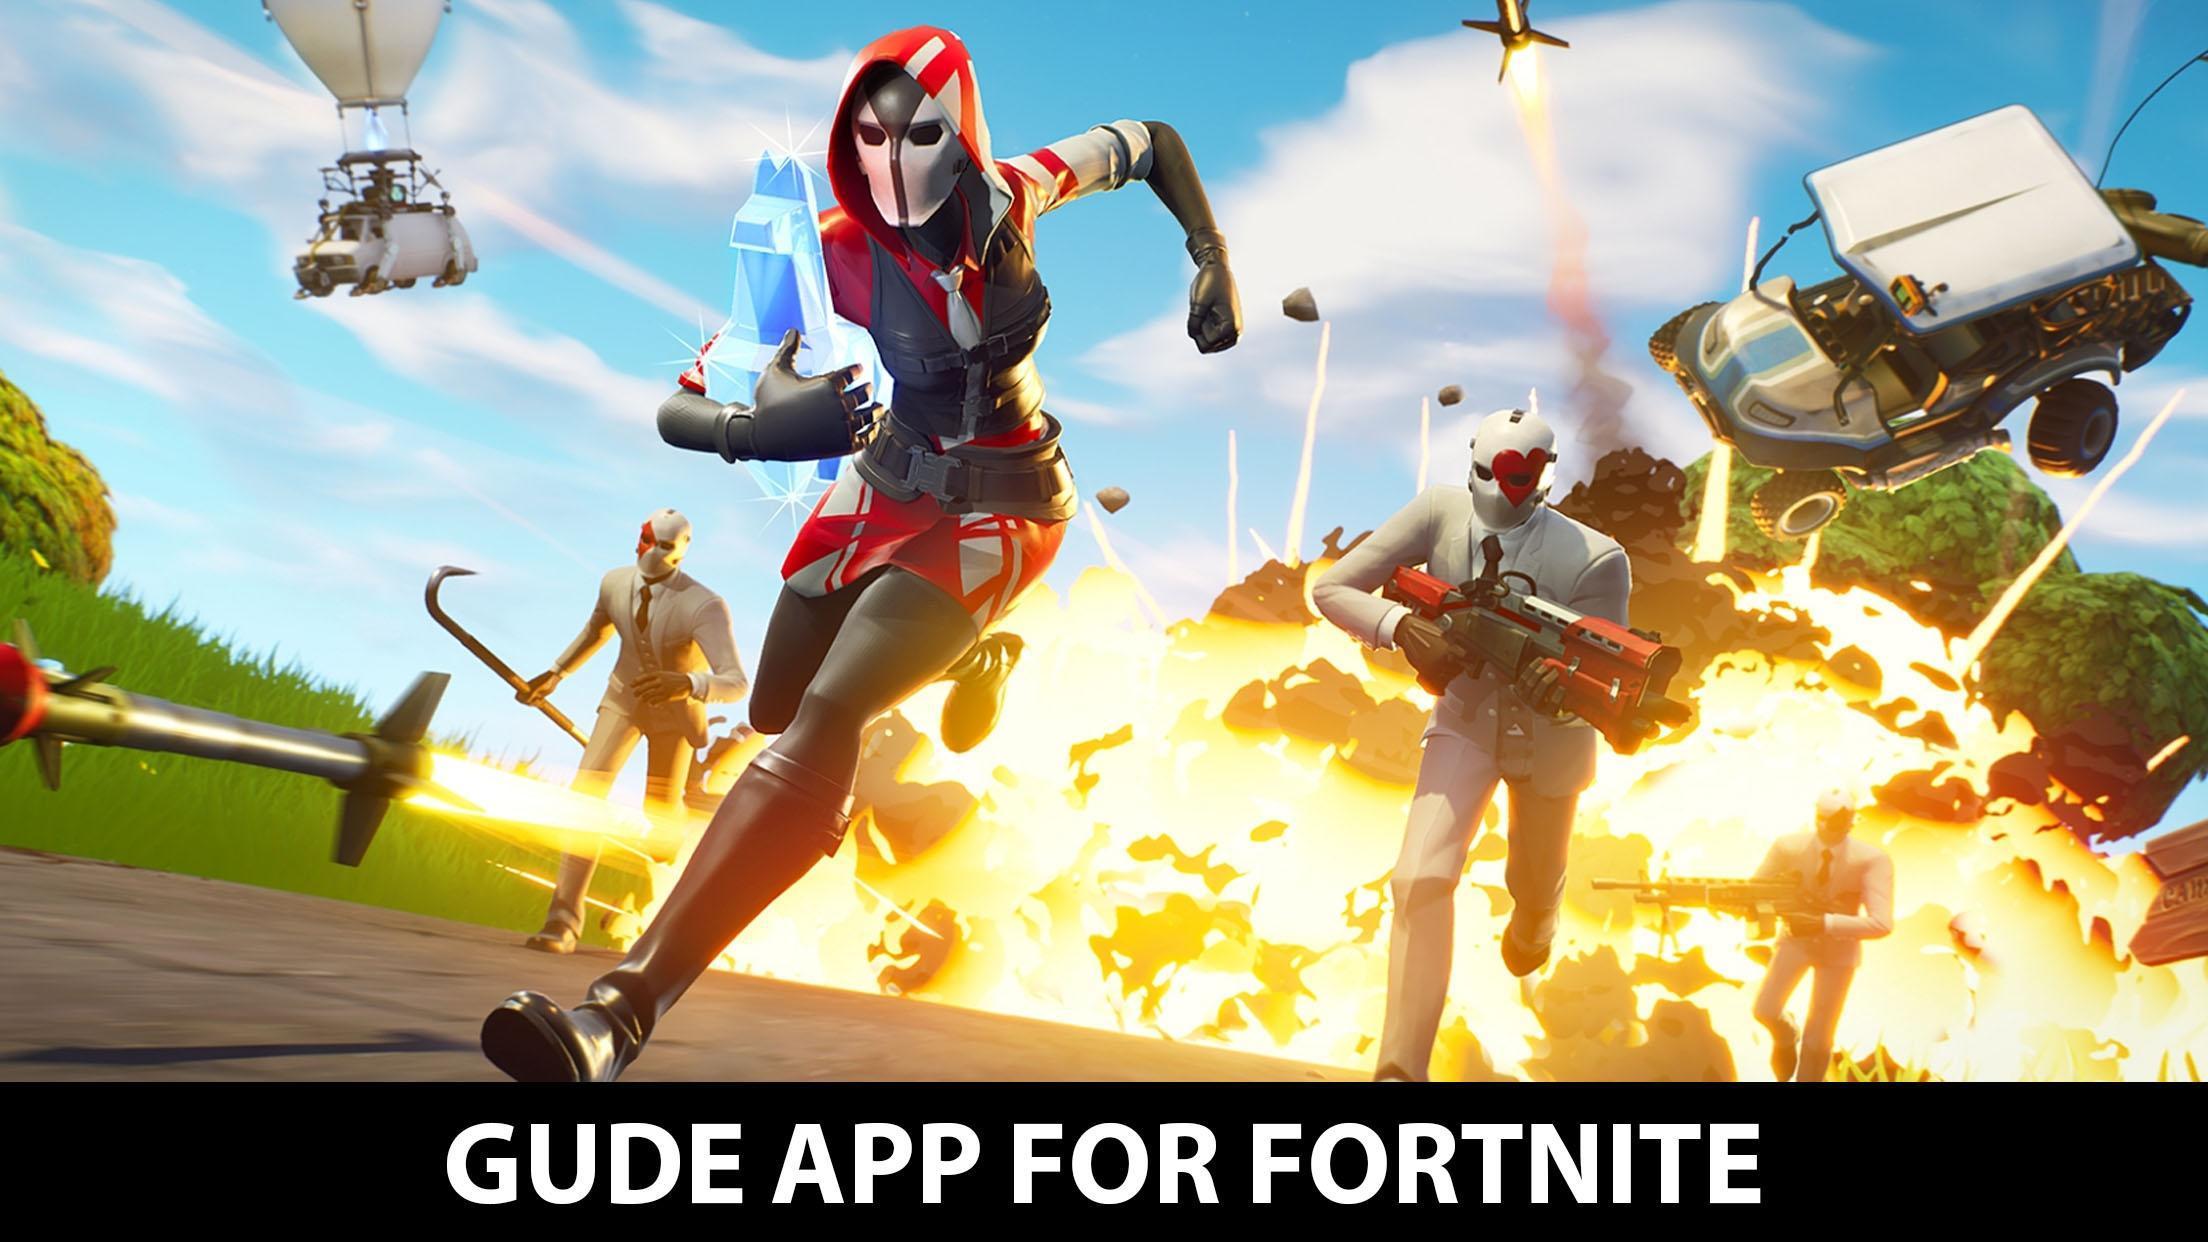 Guide For Fort-nite    Fortnite Tips & Tricks screenshot